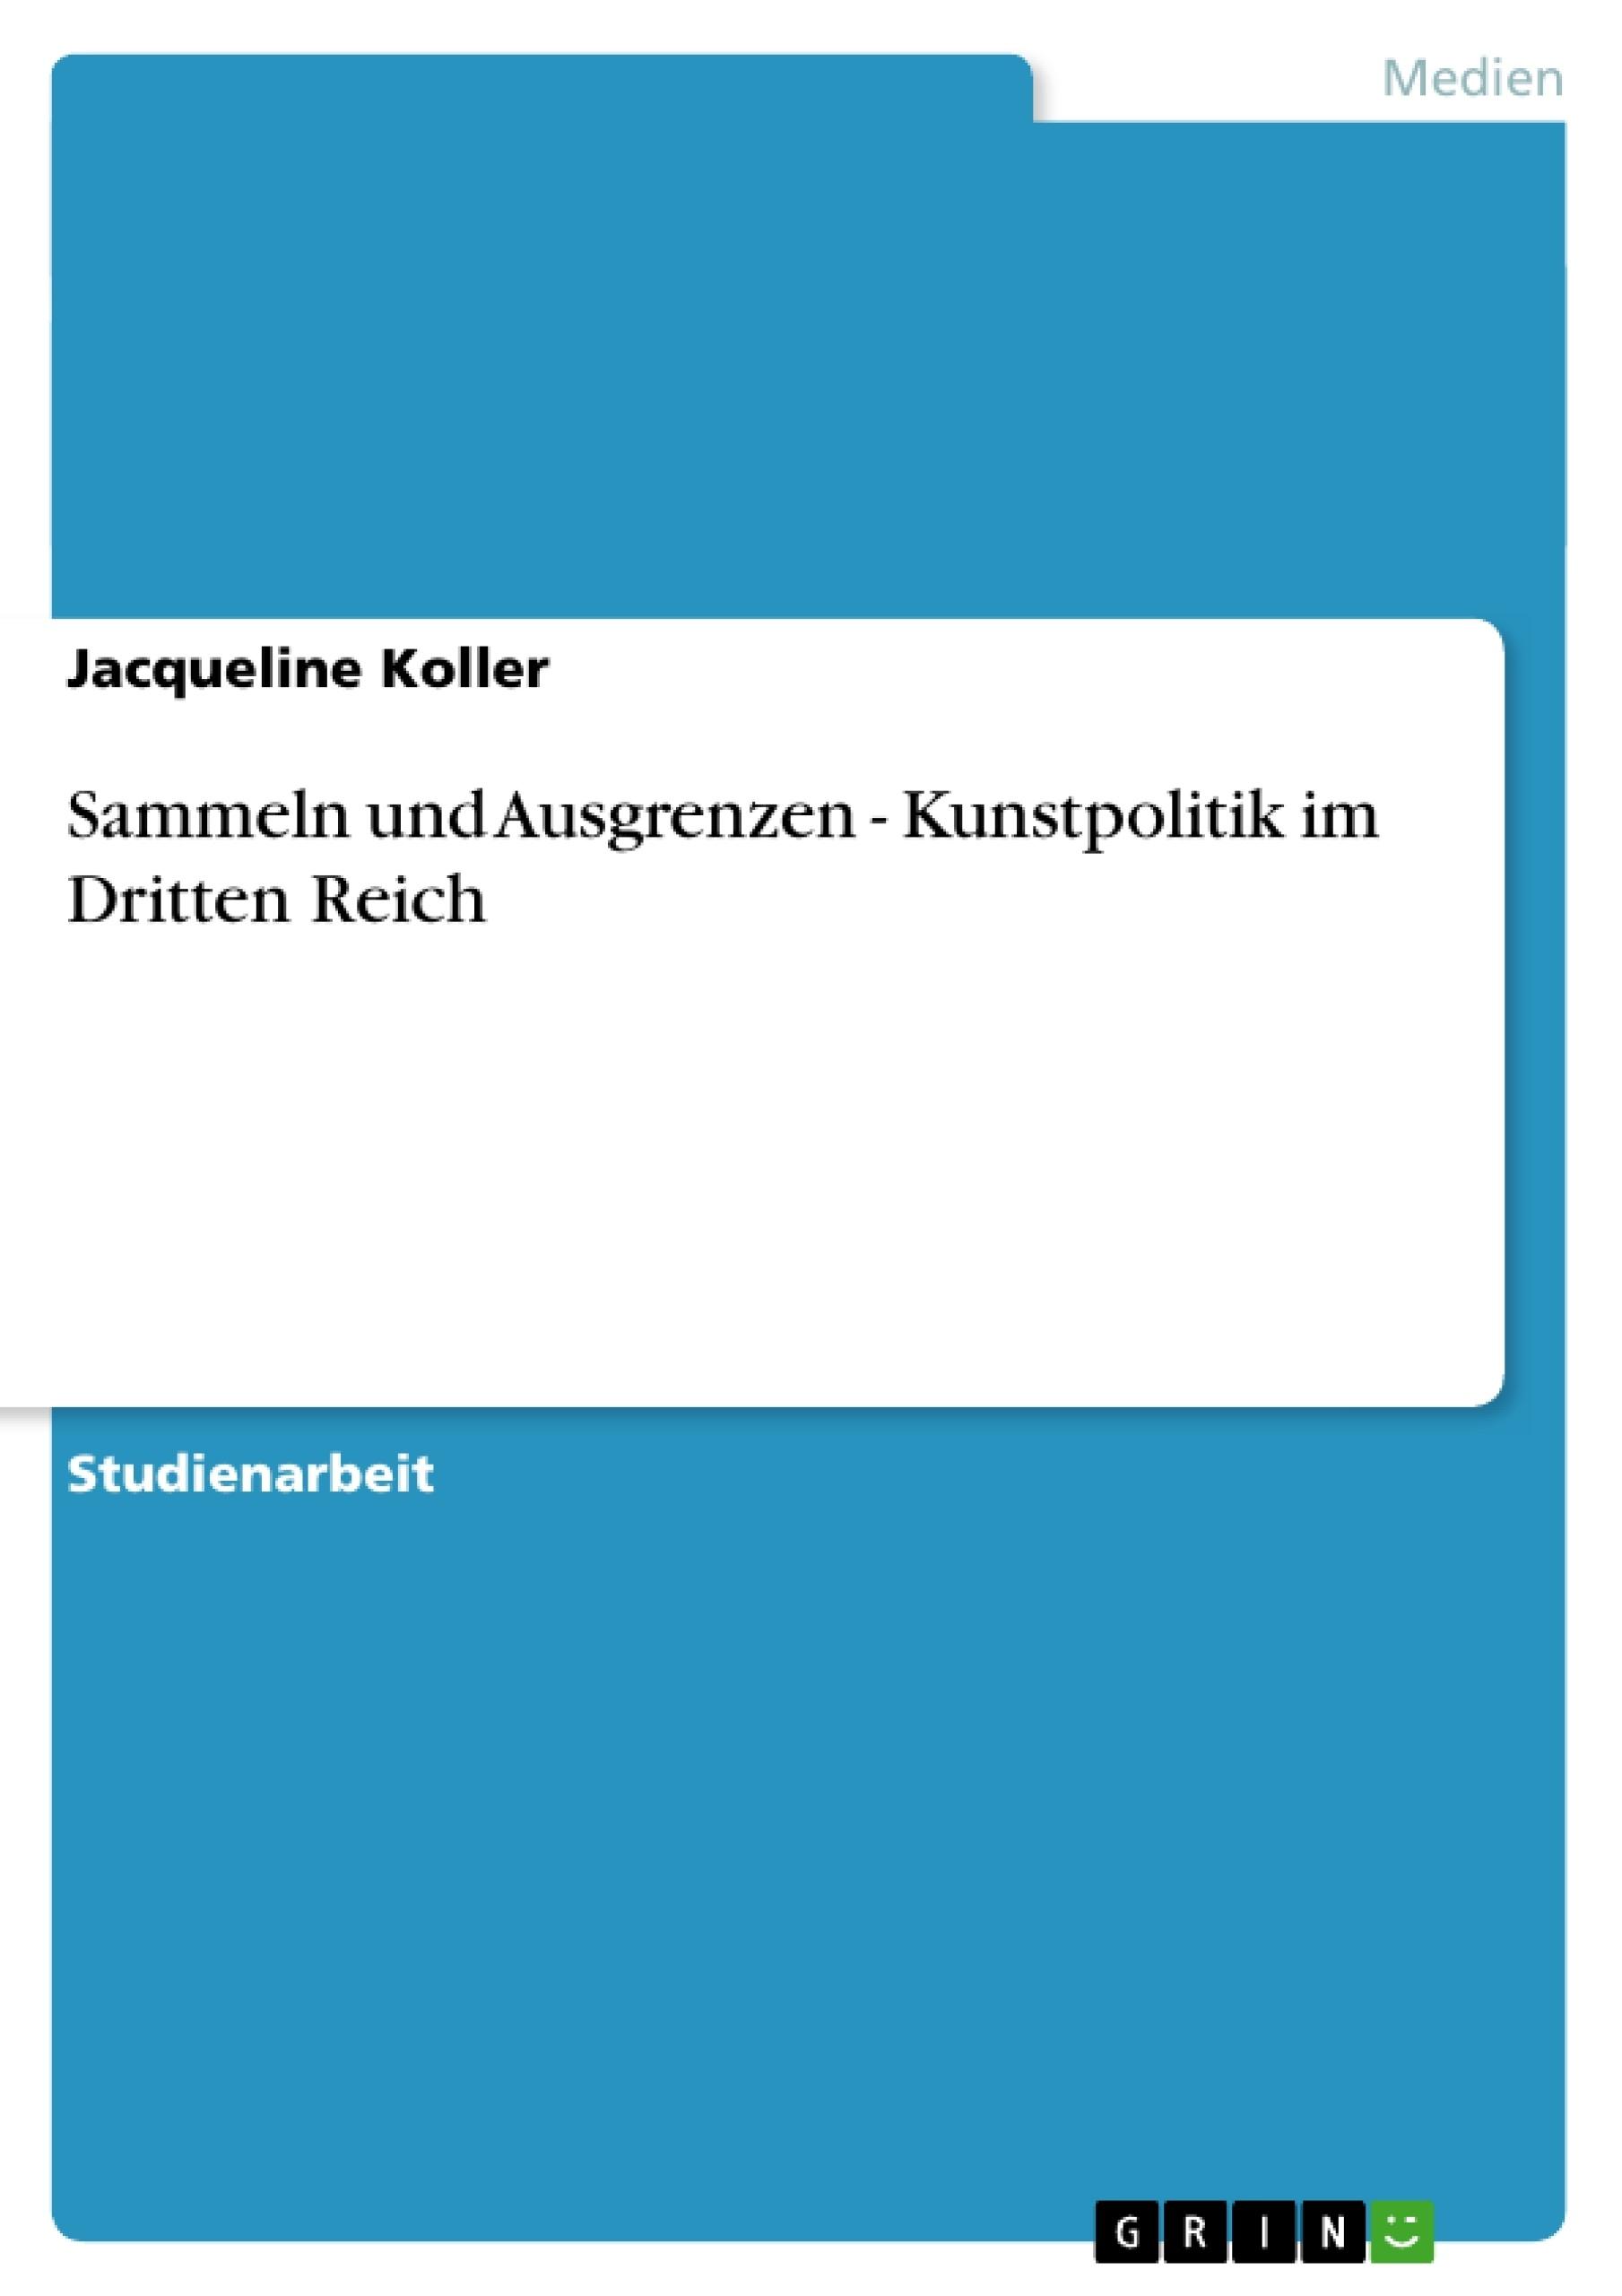 Titel: Sammeln und Ausgrenzen - Kunstpolitik im Dritten Reich